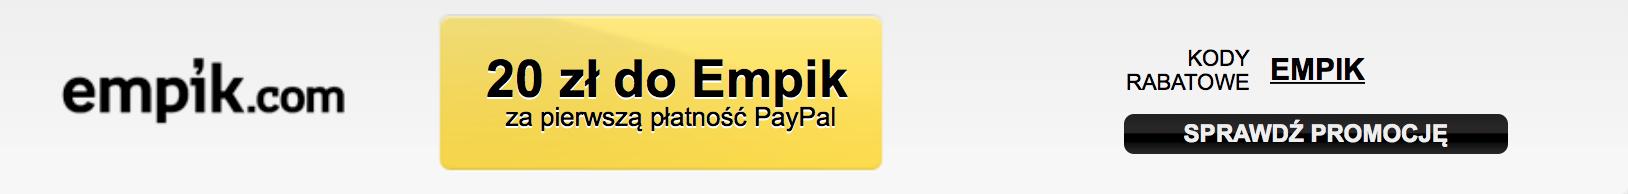 promocje empik.com